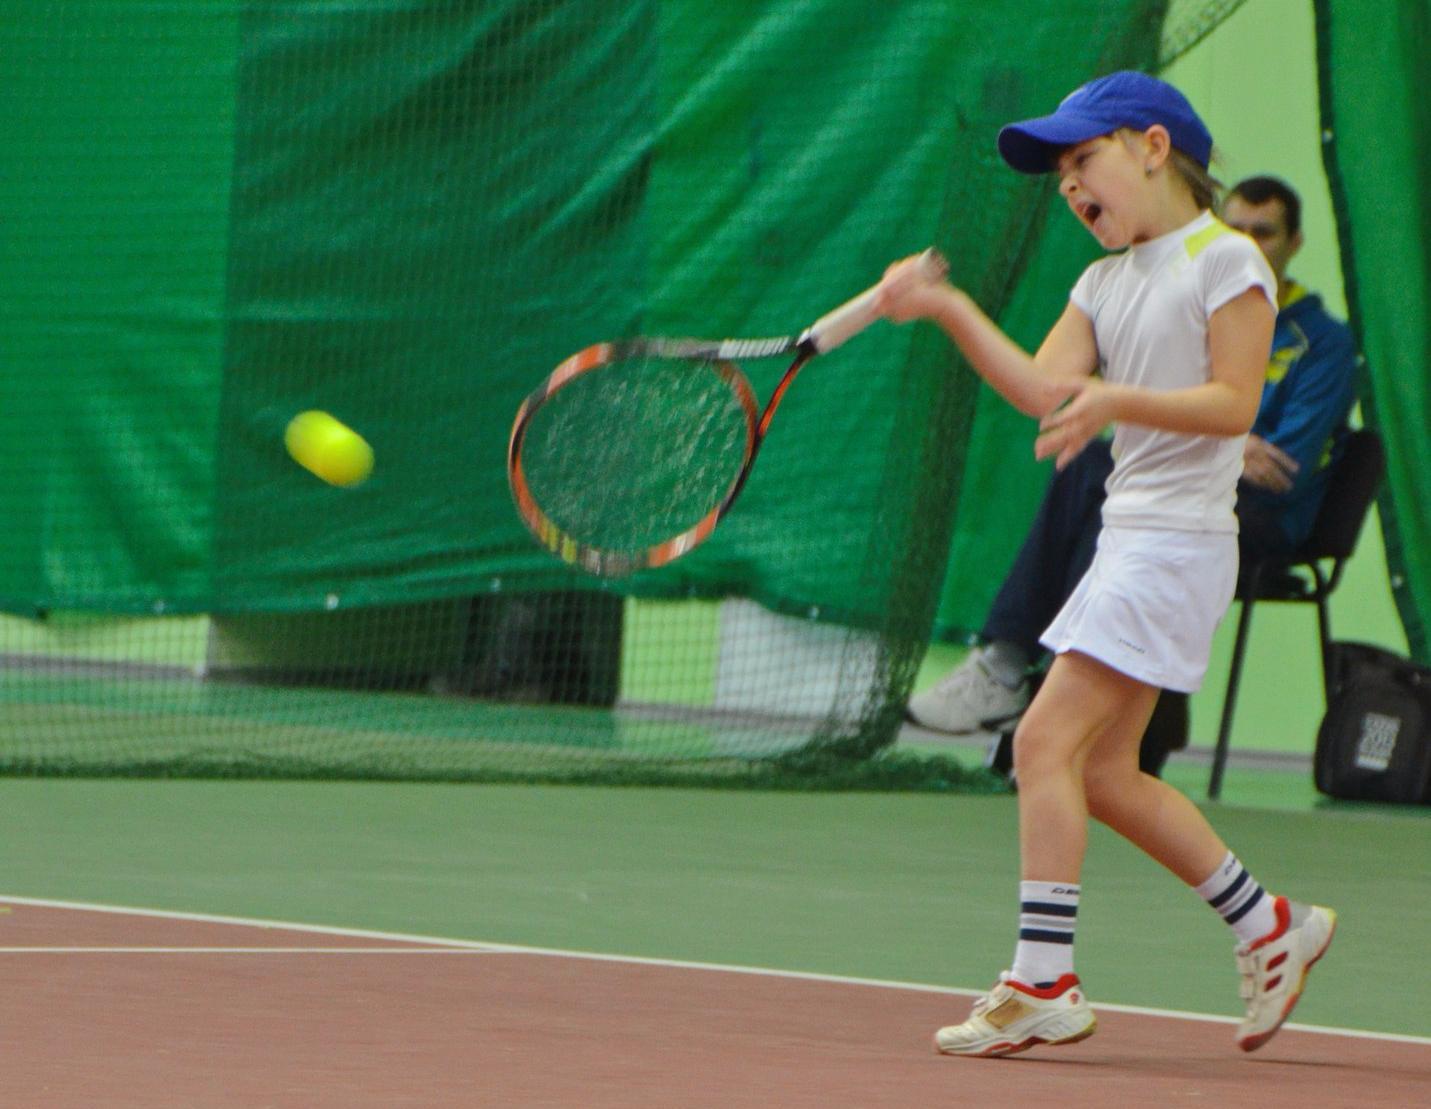 Результаты Первенства Татарстана по теннису возрастной категории 9-10 лет